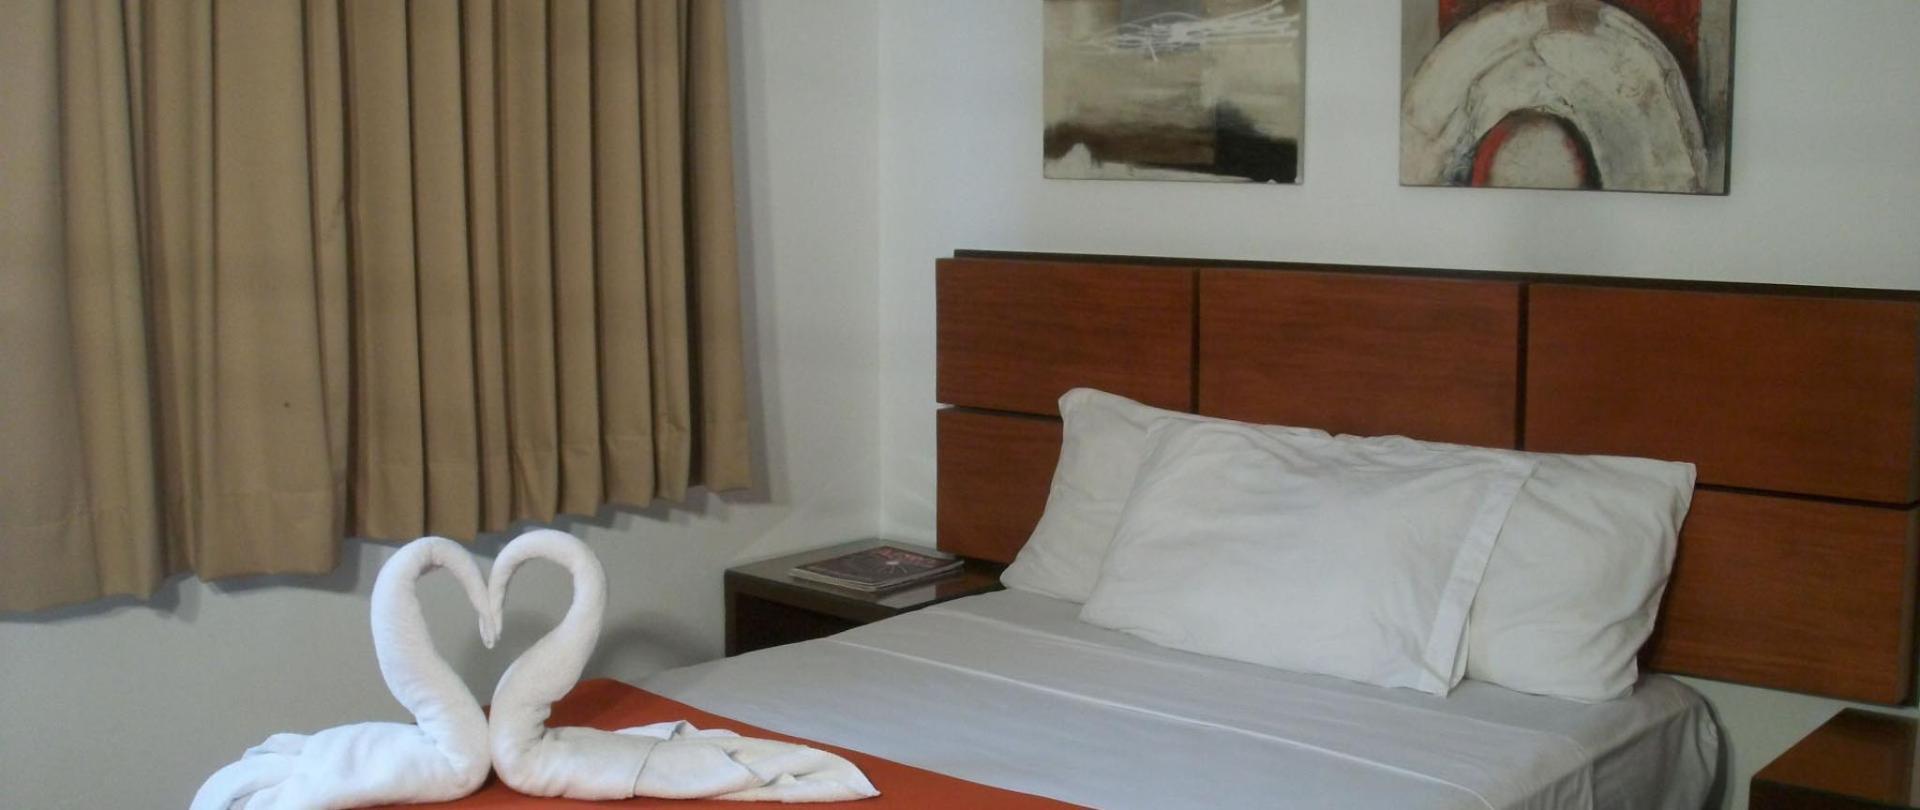 apart-suites-18.jpg